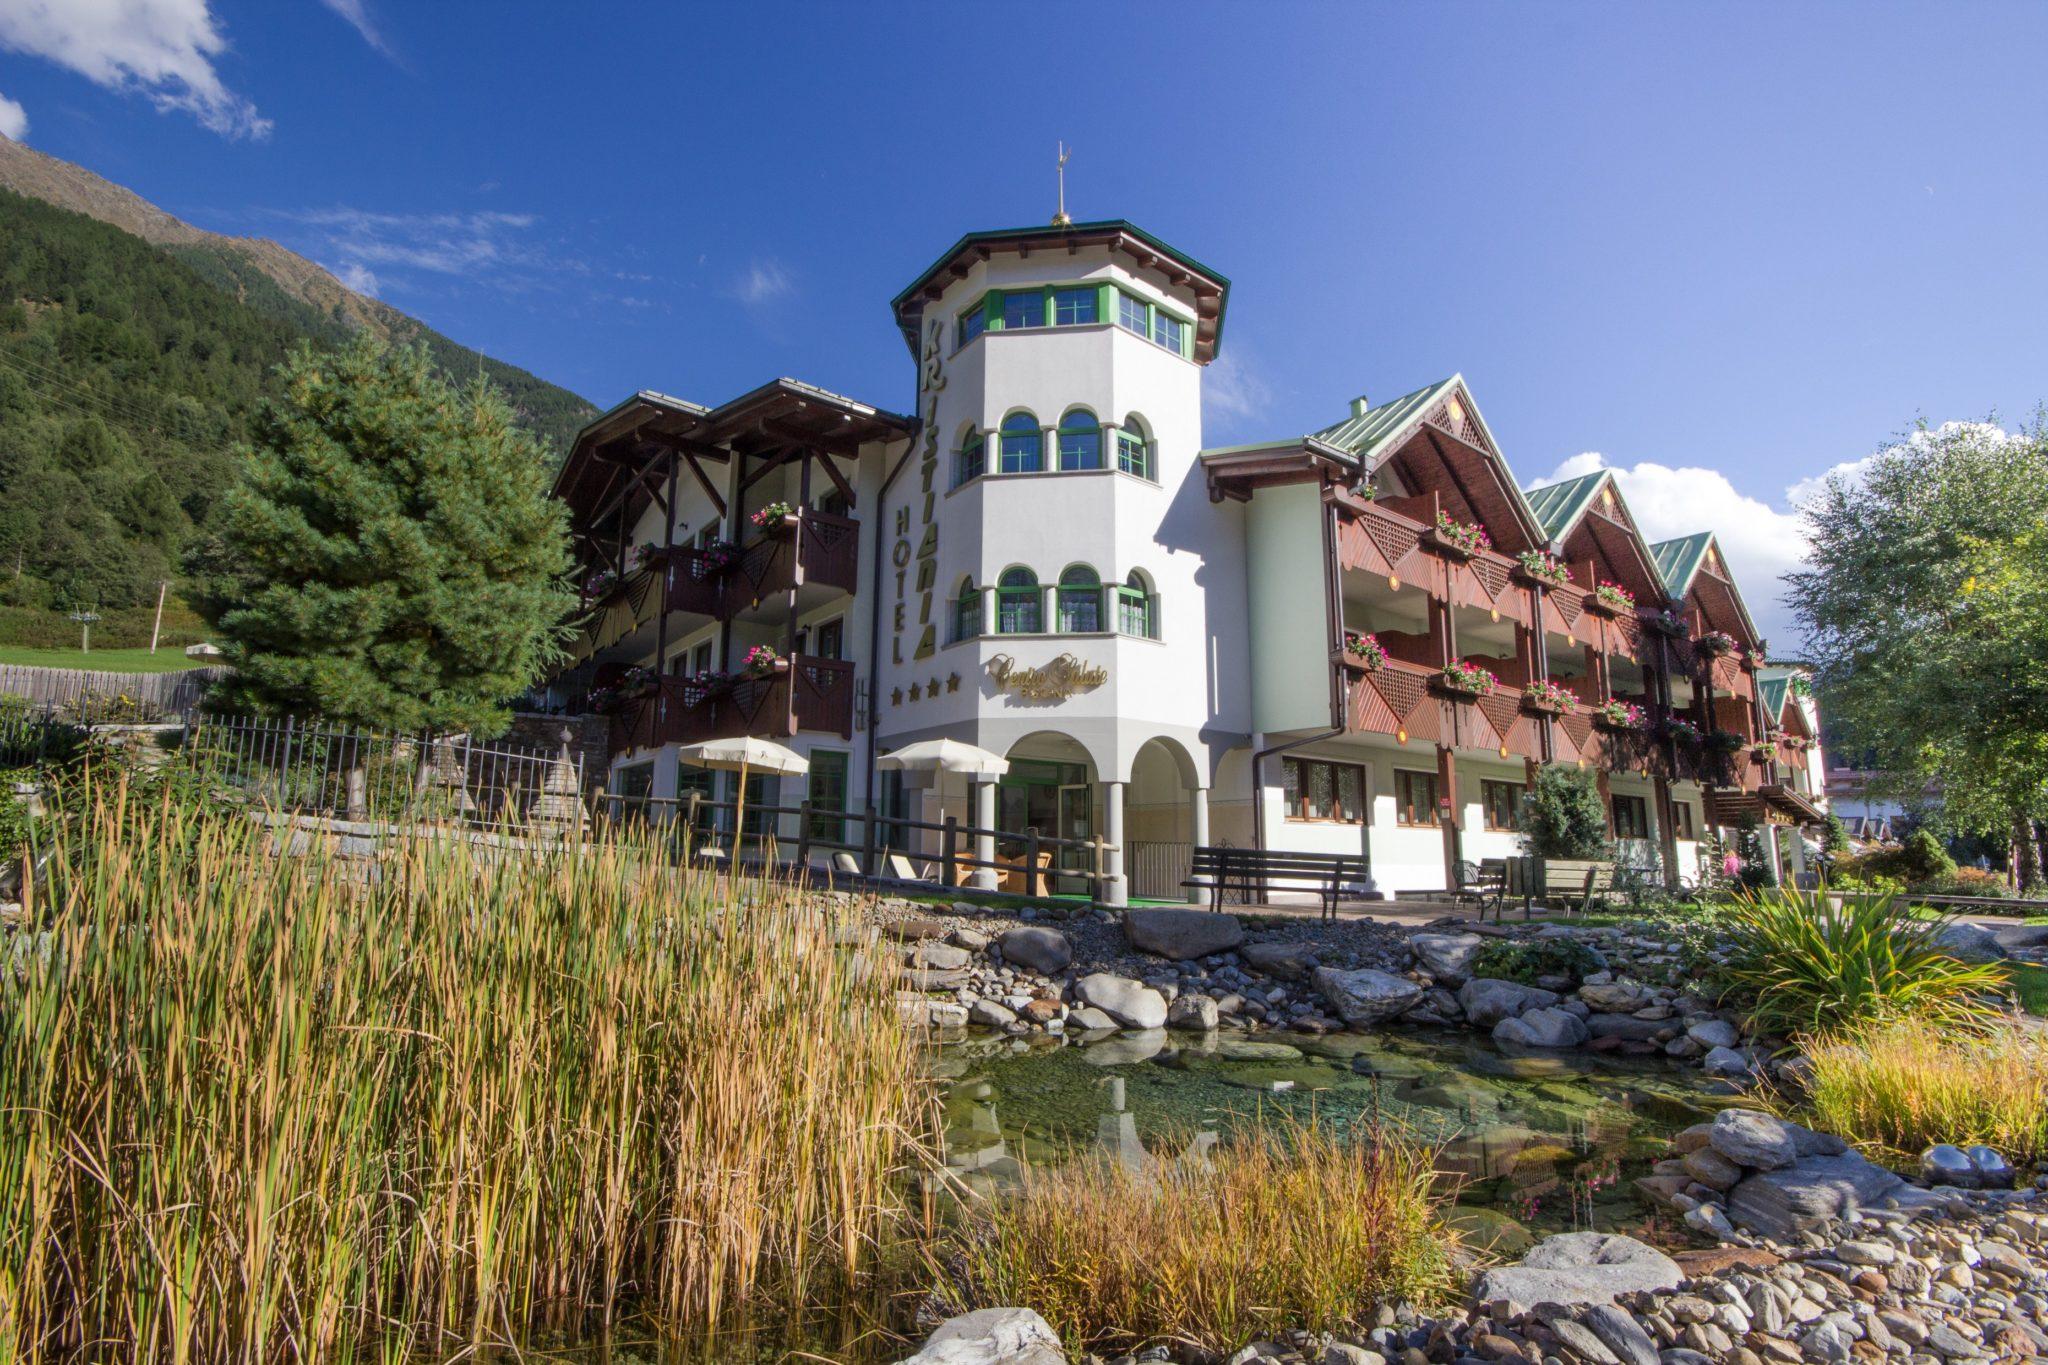 Immagine di testata per Hotel Kristiania with Ecolabel in Trentino